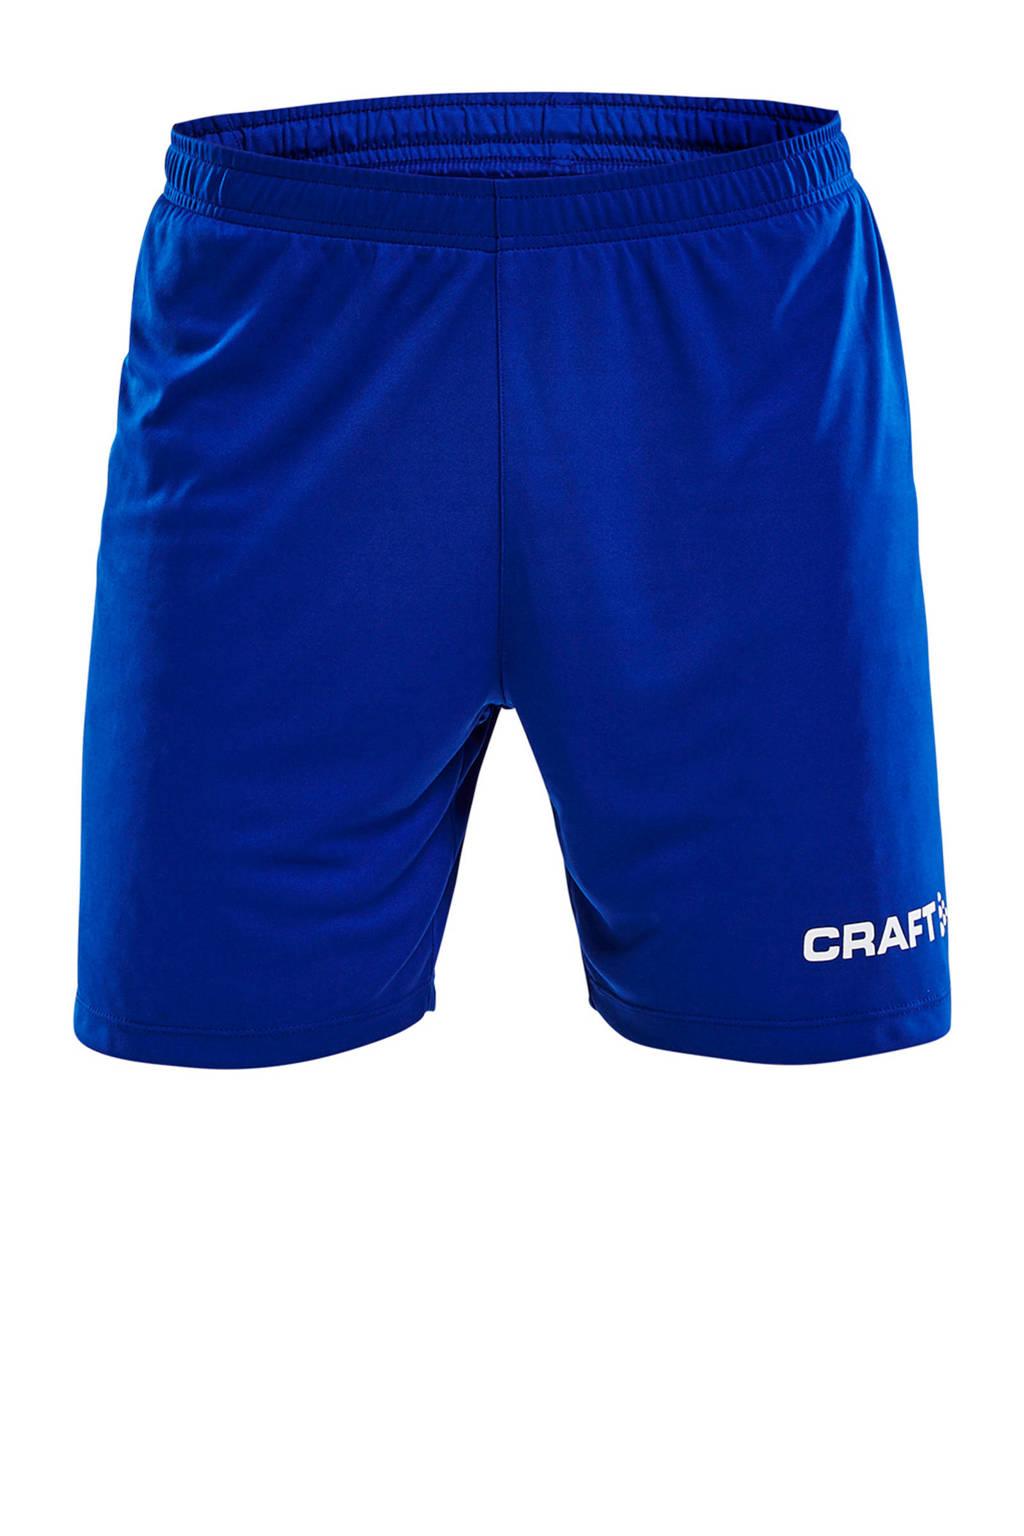 Craft Senior  sportshort, Blauw